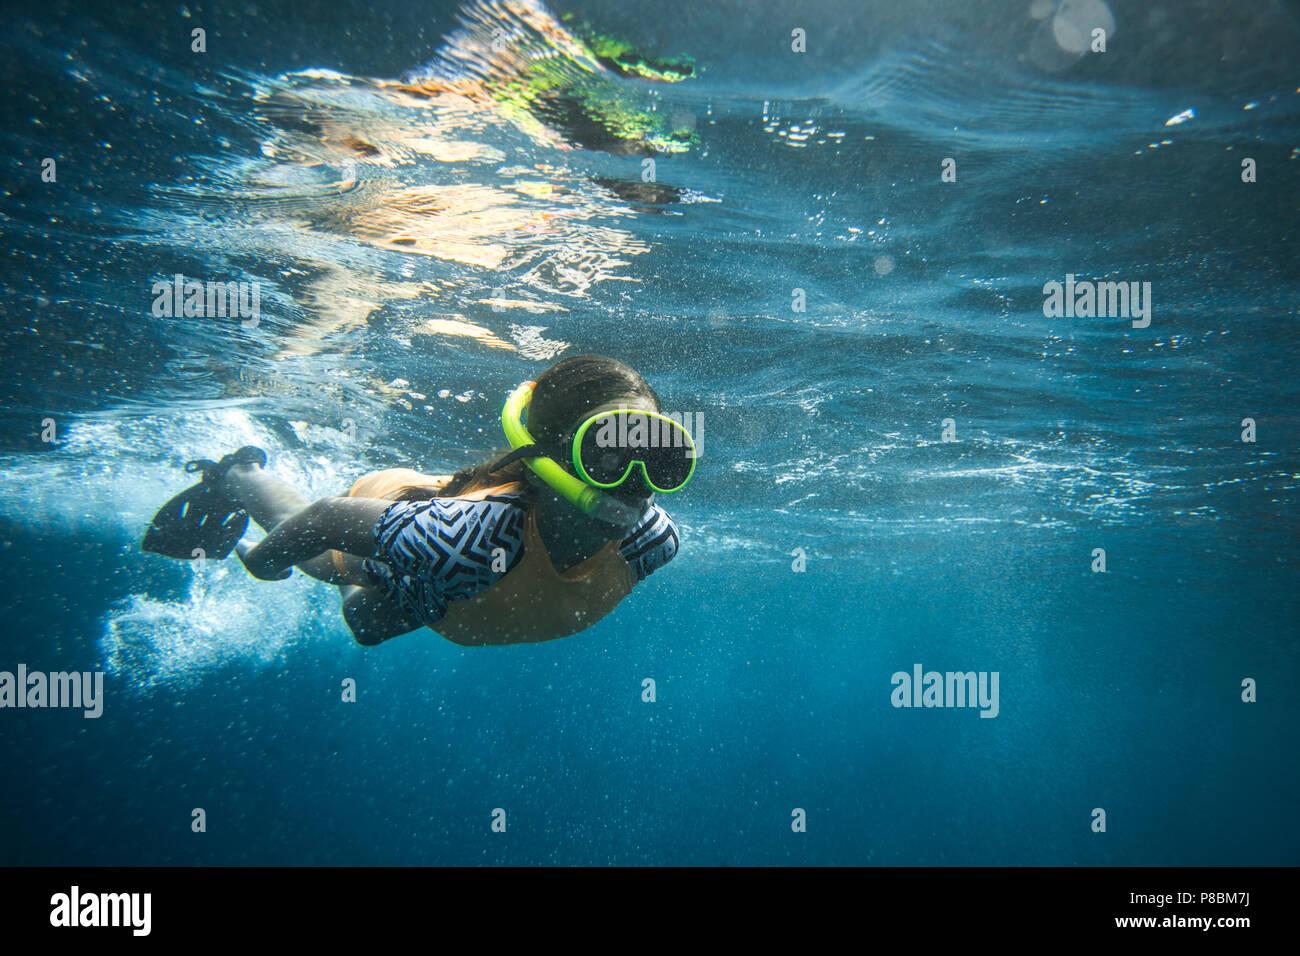 Foto subacquee di donna in maschera subacquea e snorkeling immersioni da soli in ocean Immagini Stock